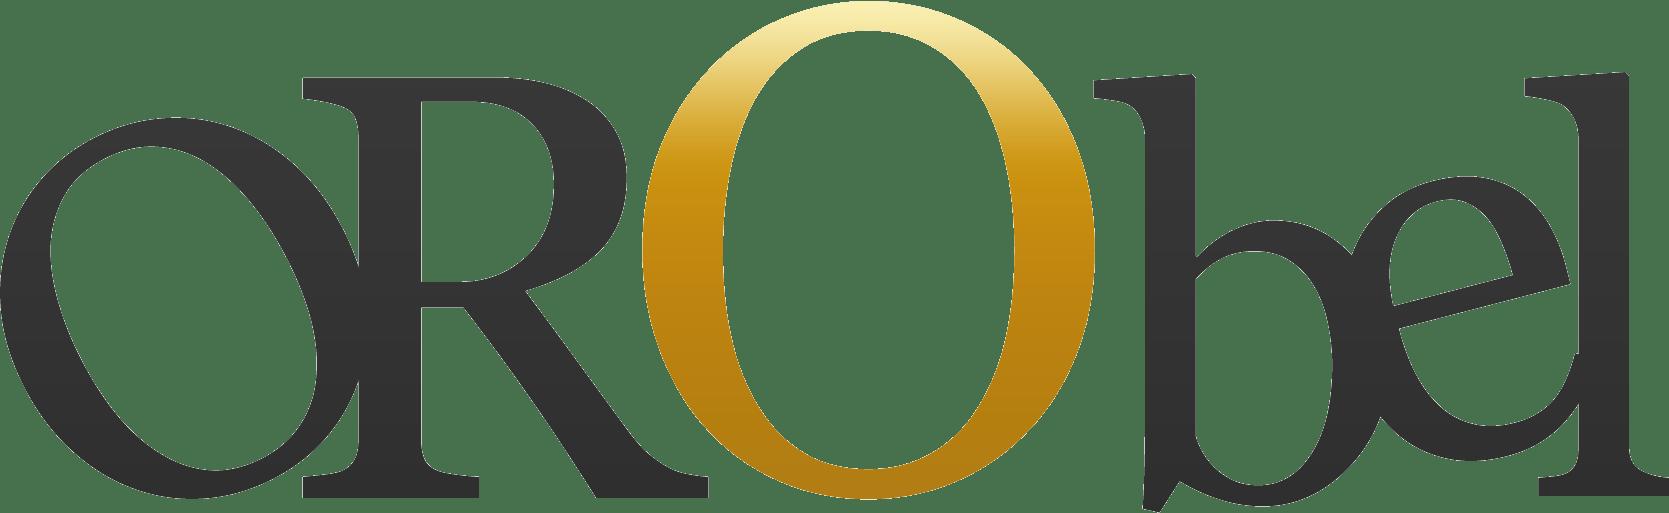 Orobel SPRL - Achat & Vente d'or pour particuliers et professionels